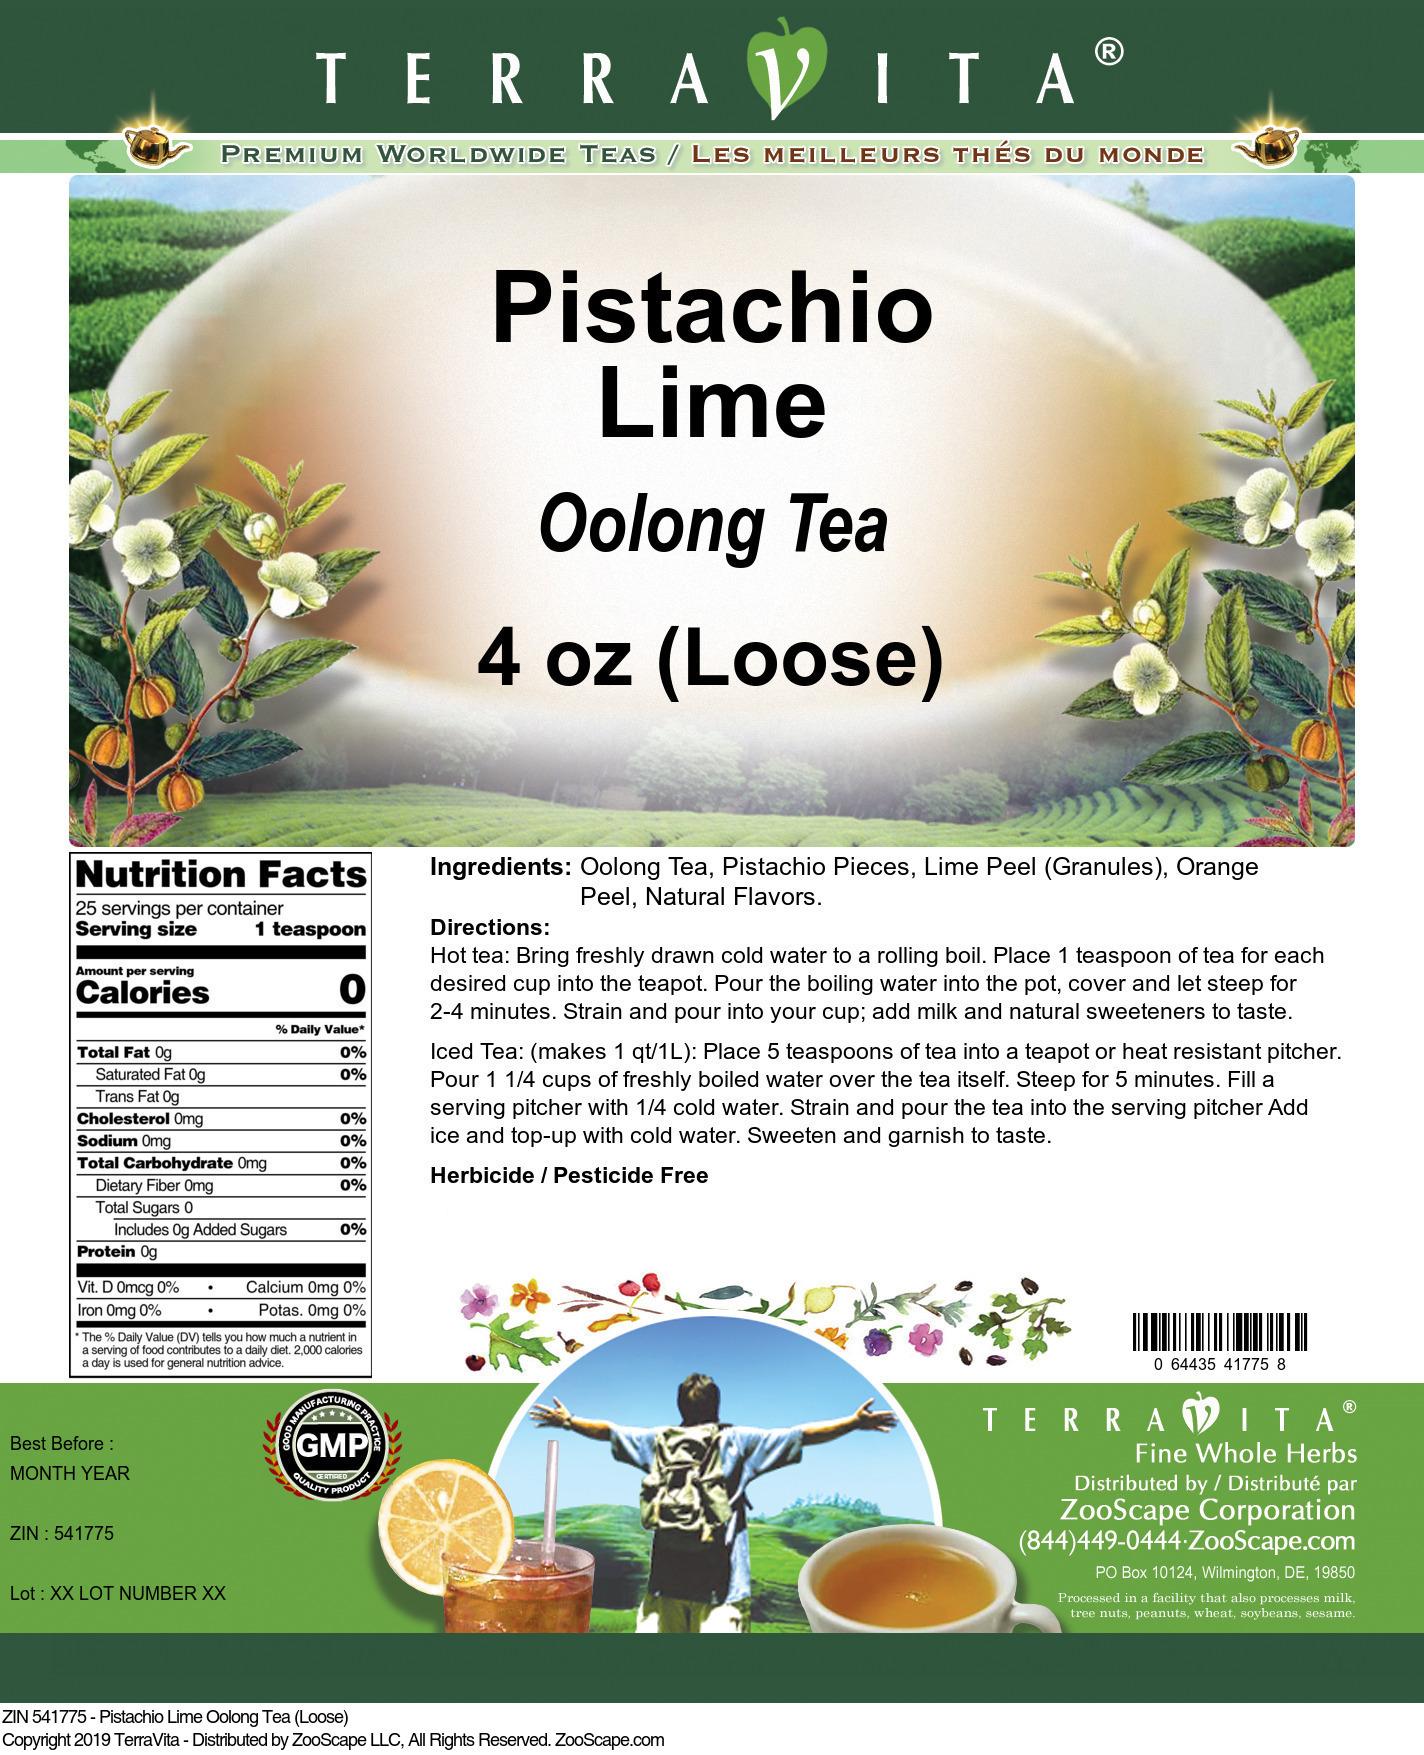 Pistachio Lime Oolong Tea